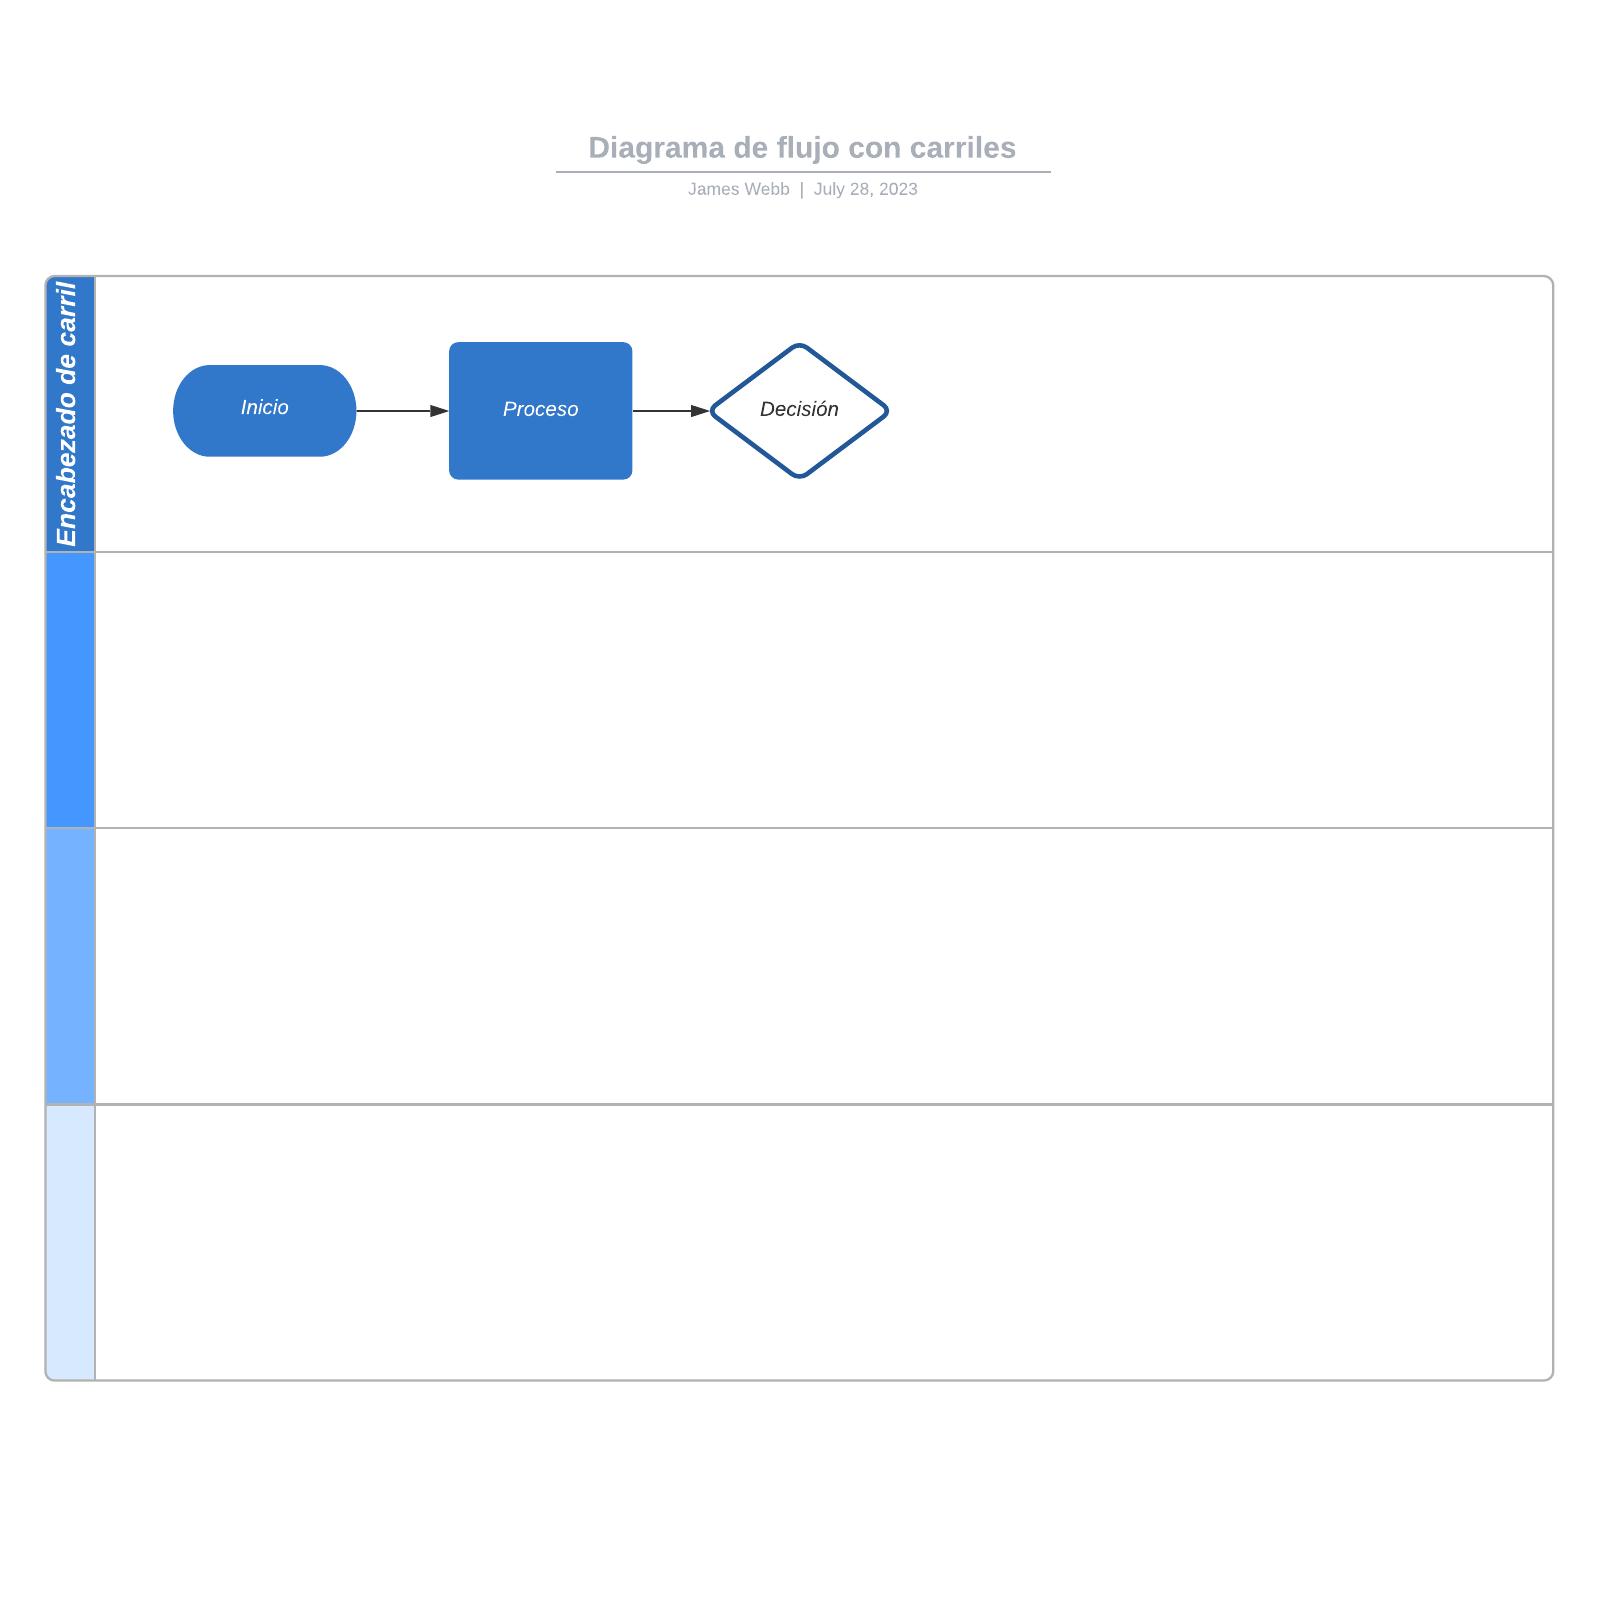 Diagrama de flujo con carriles